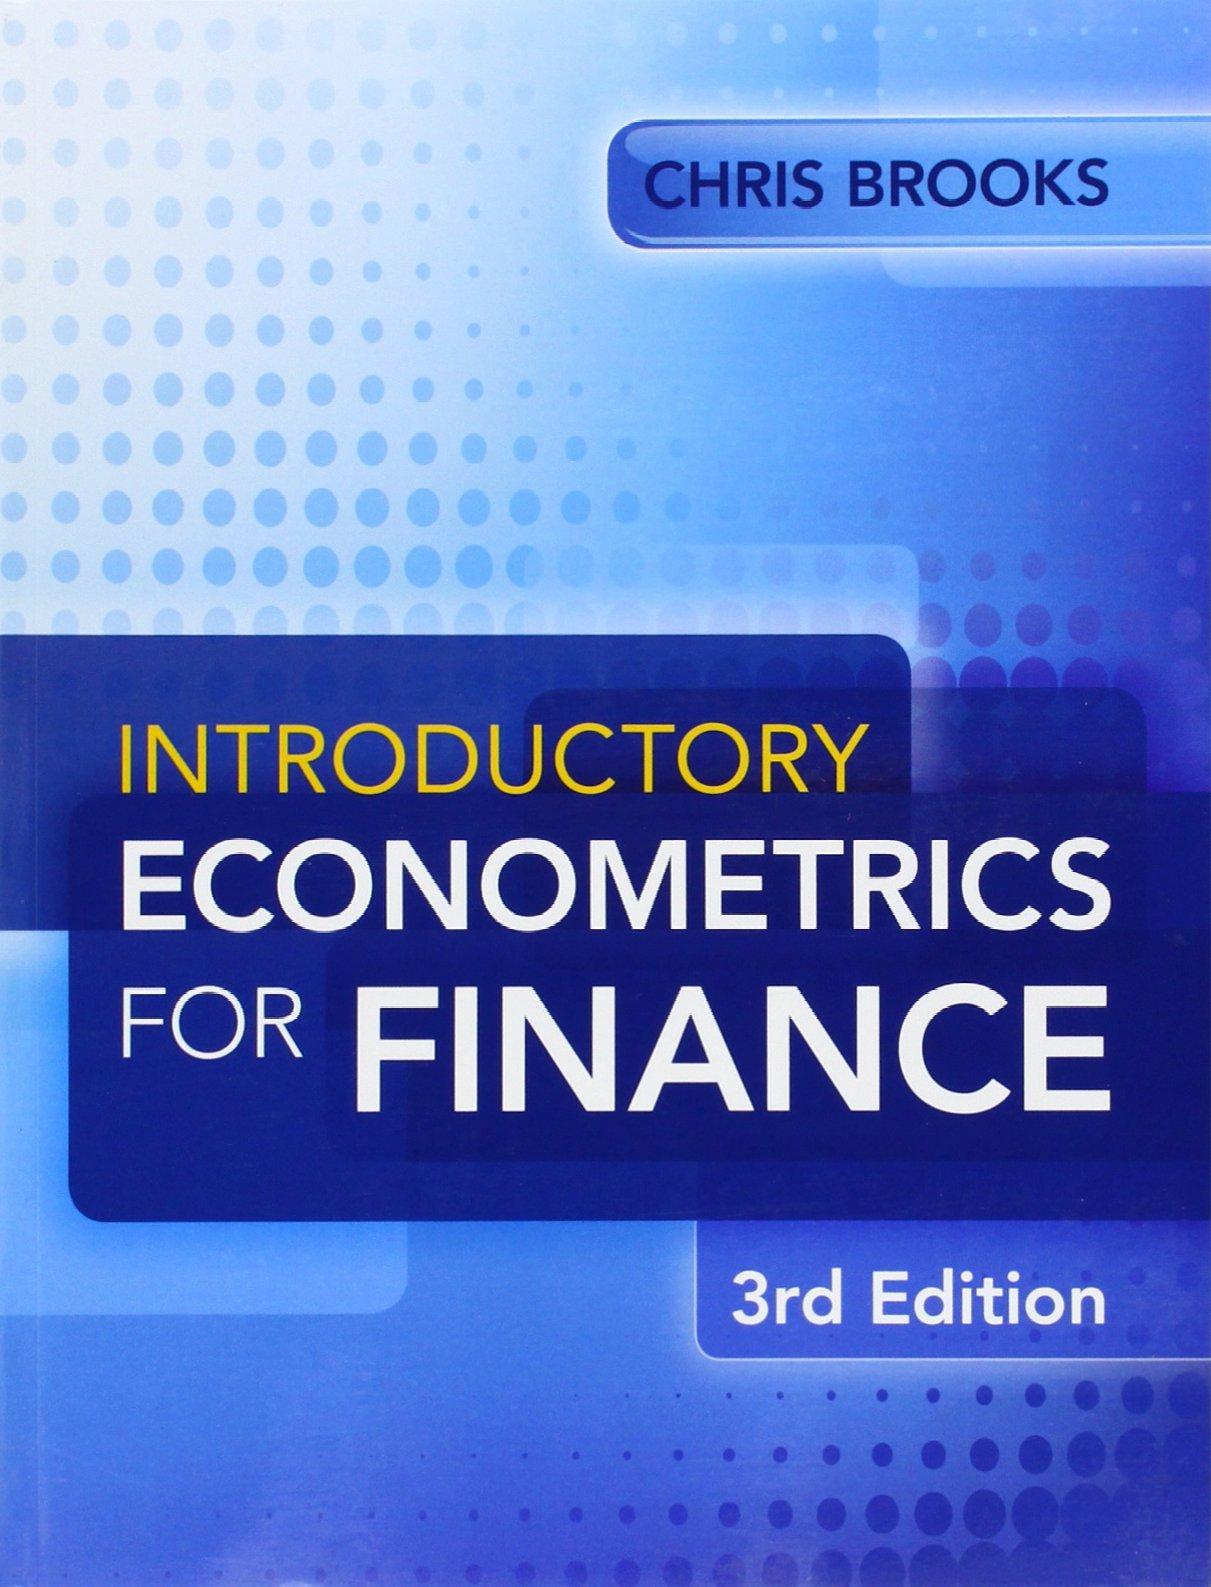 Introductory Econometrics for Finance: Amazon.co.uk: Chris Brooks:  9781107661455: Books